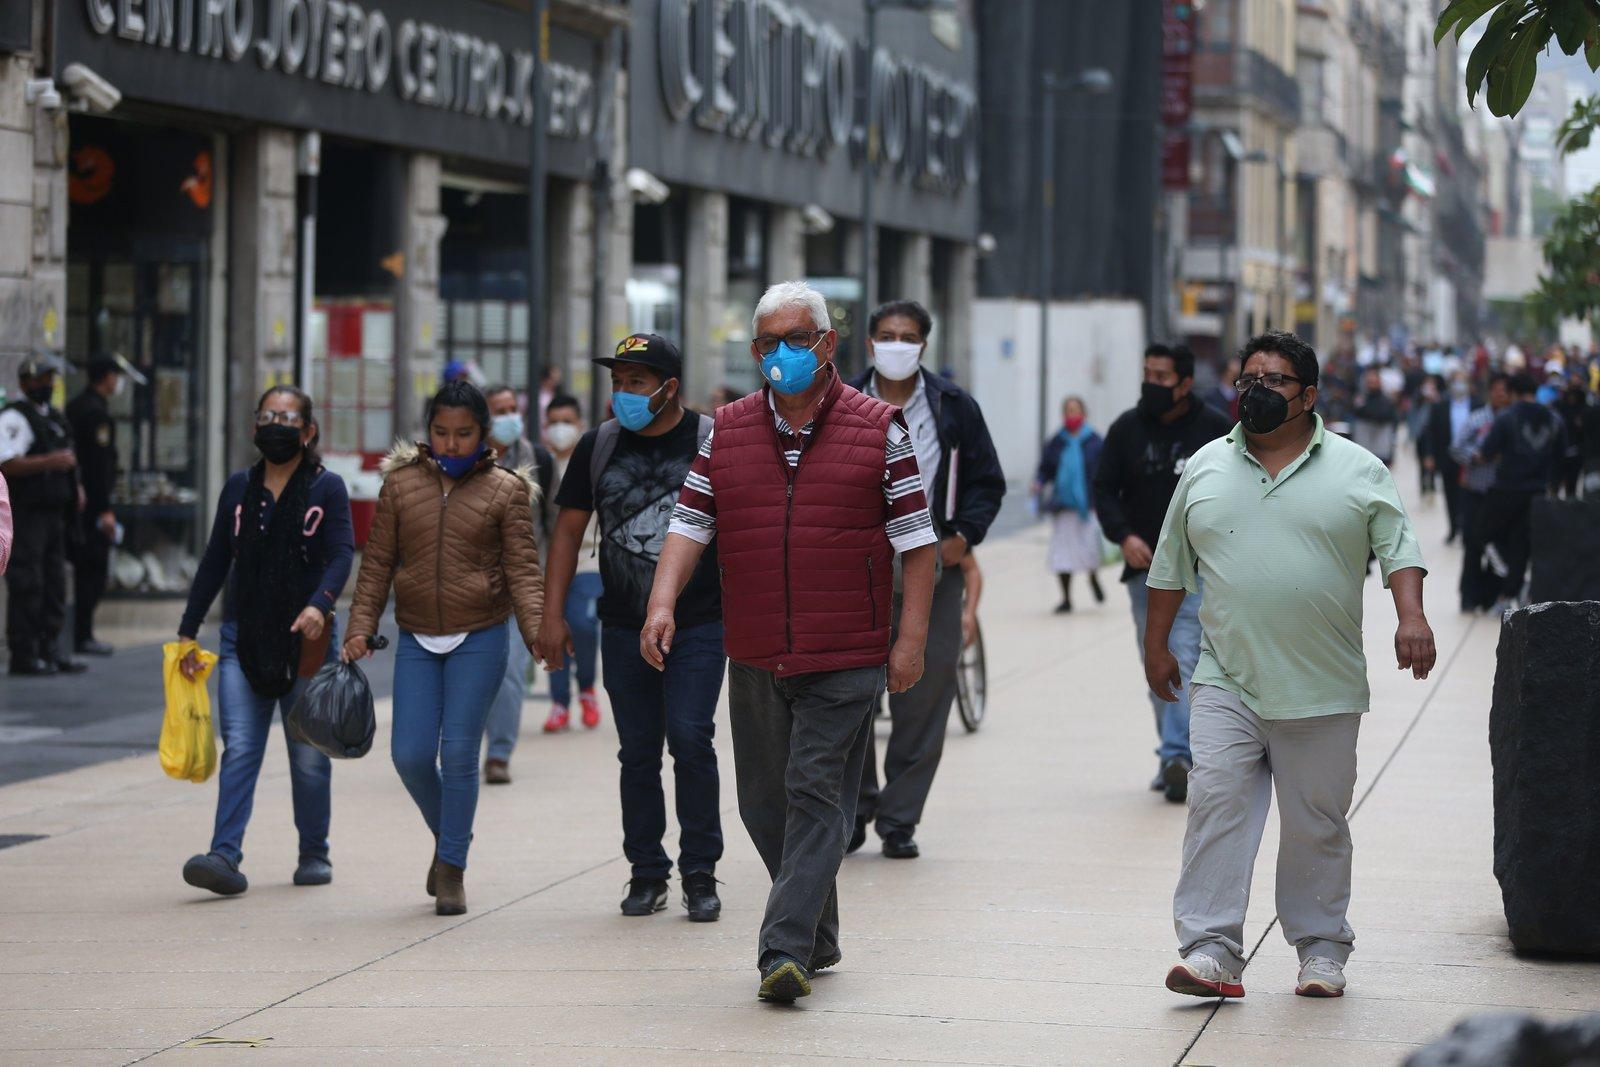 Suman 84,420 los decesos por COVID-19 en México